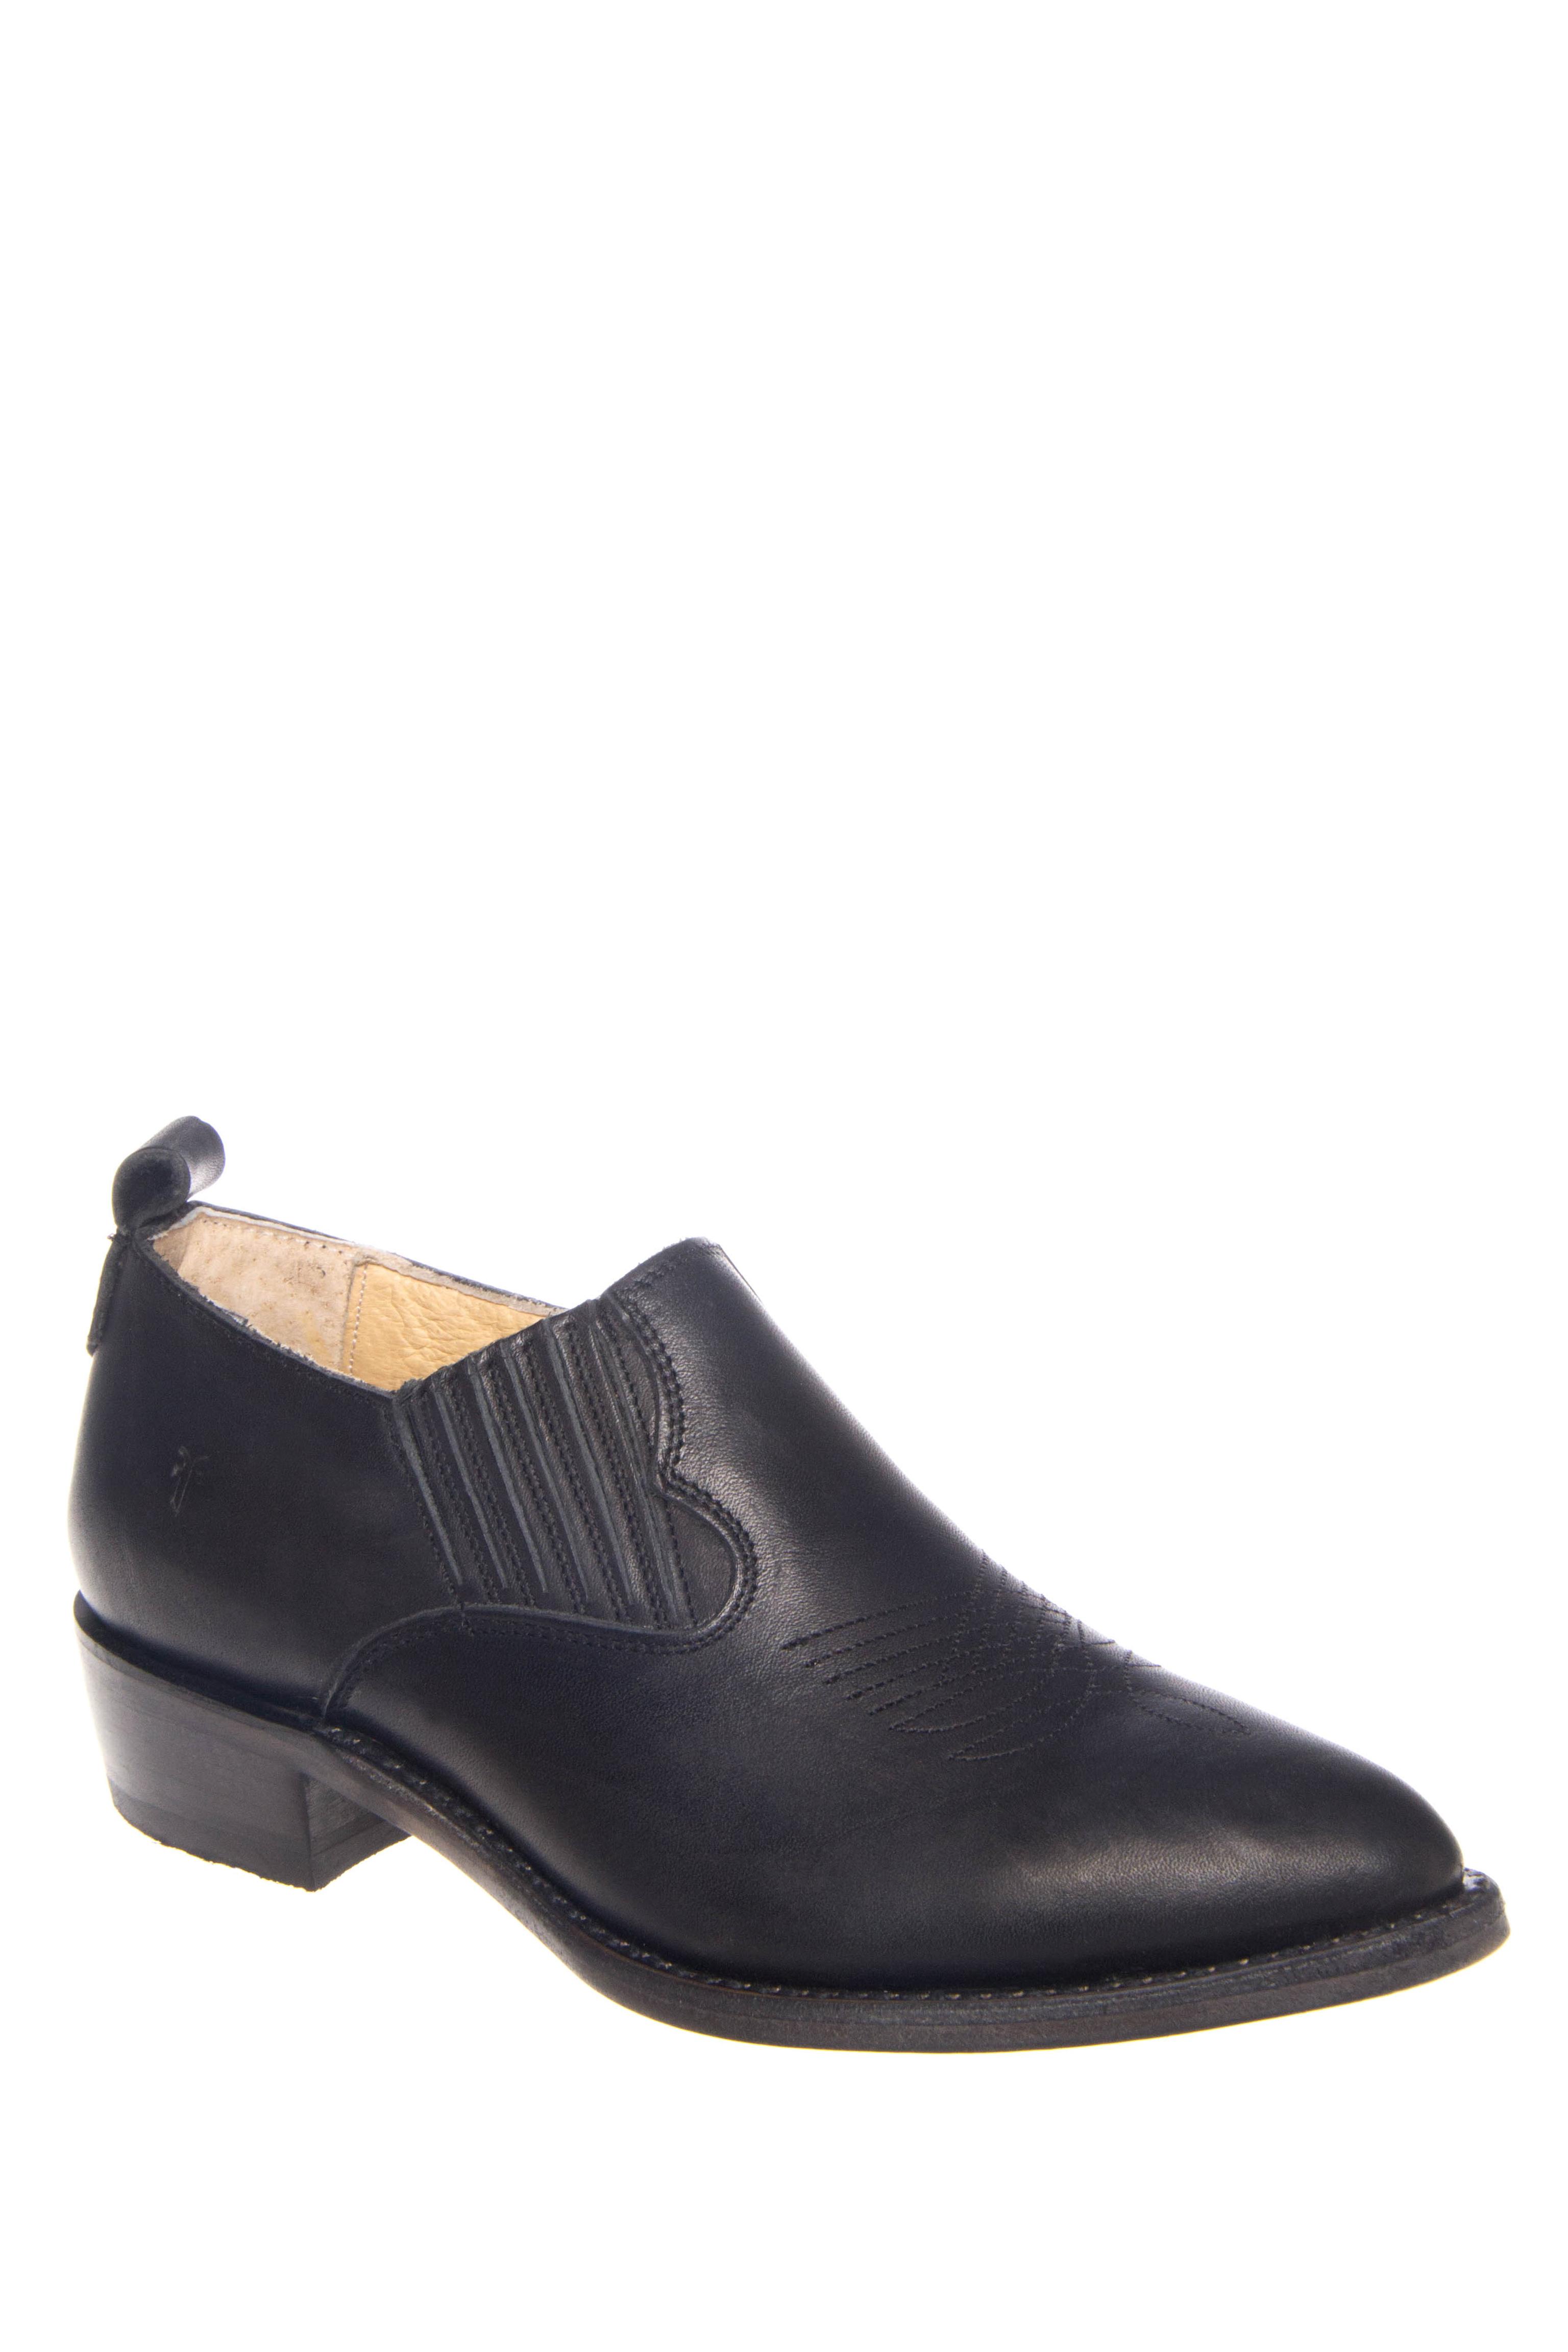 Frye Billy Low Heel Ankle Booties - Black